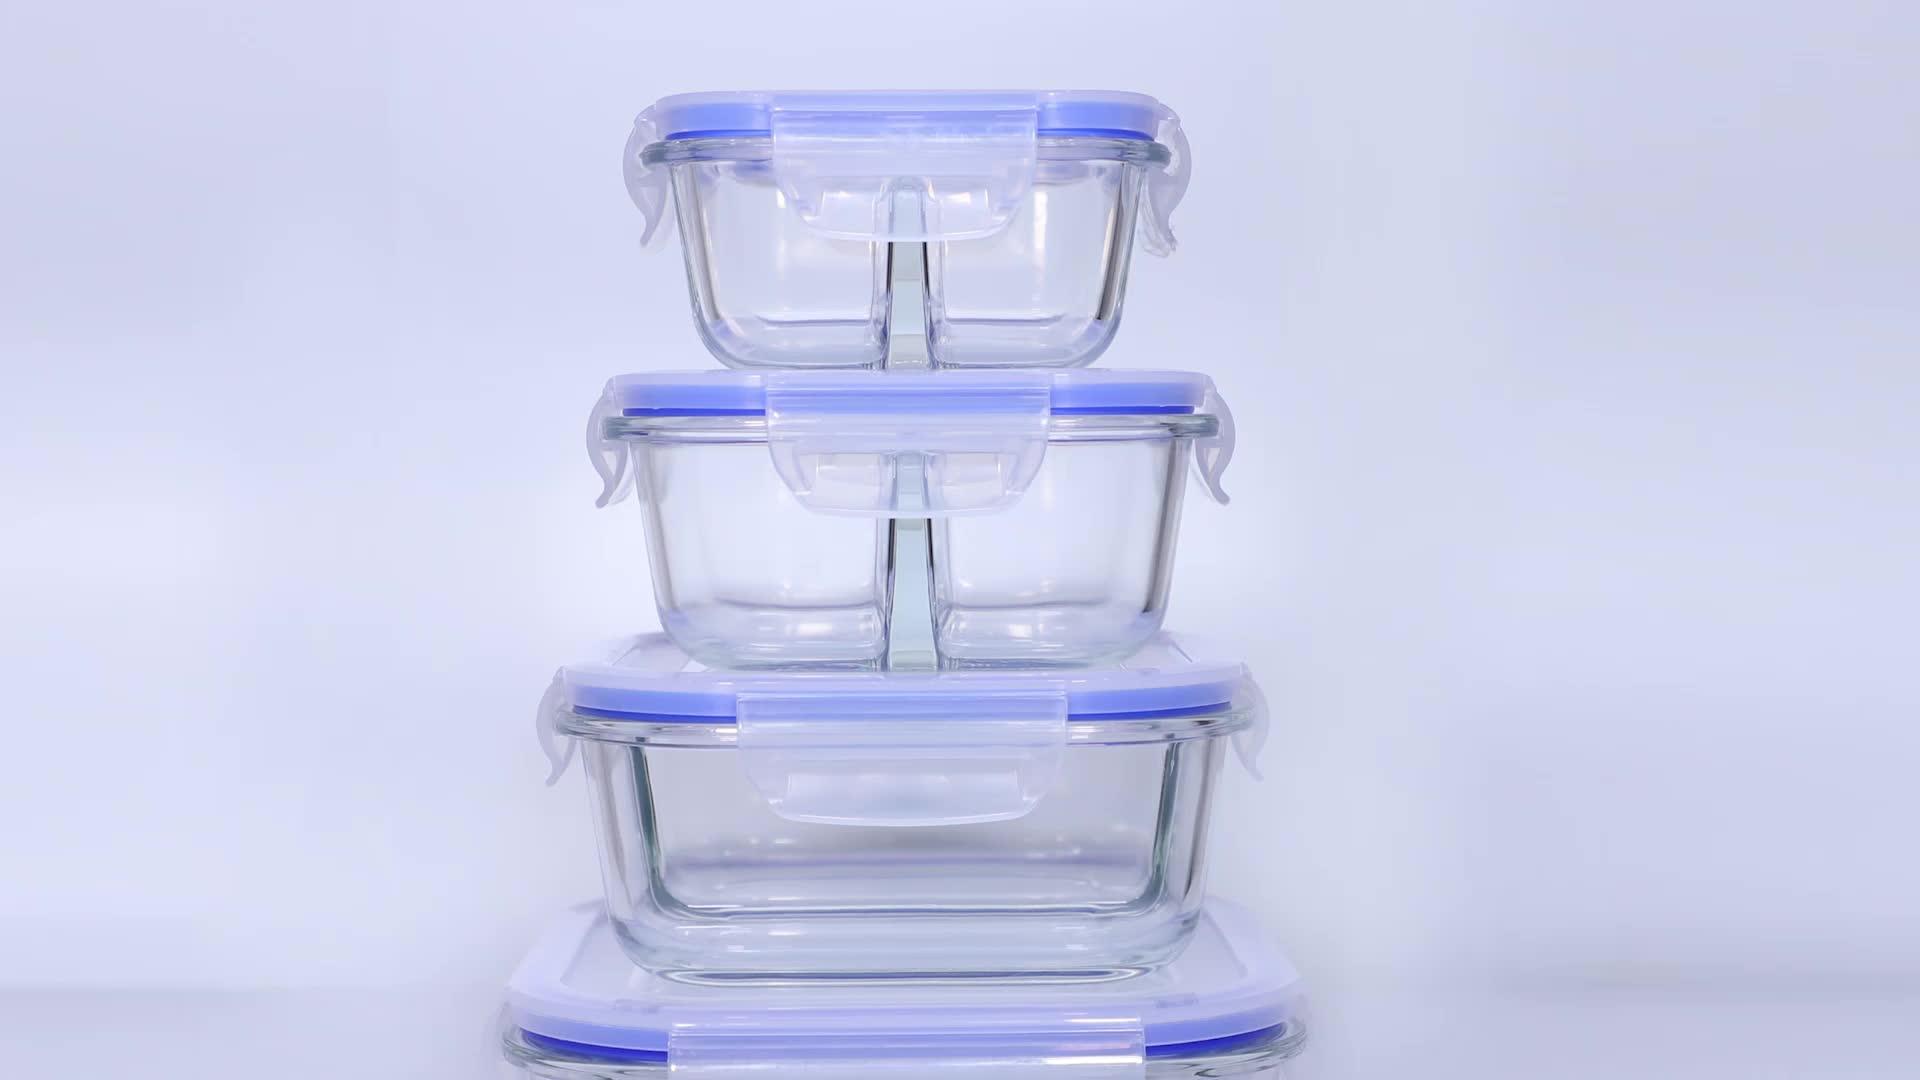 Fabrikpreis Freie Probe Rubbermaid Easy Finden Deckel Aufbewahrungsbox Faltbare Luftdichten Behälter für Lebensmittel